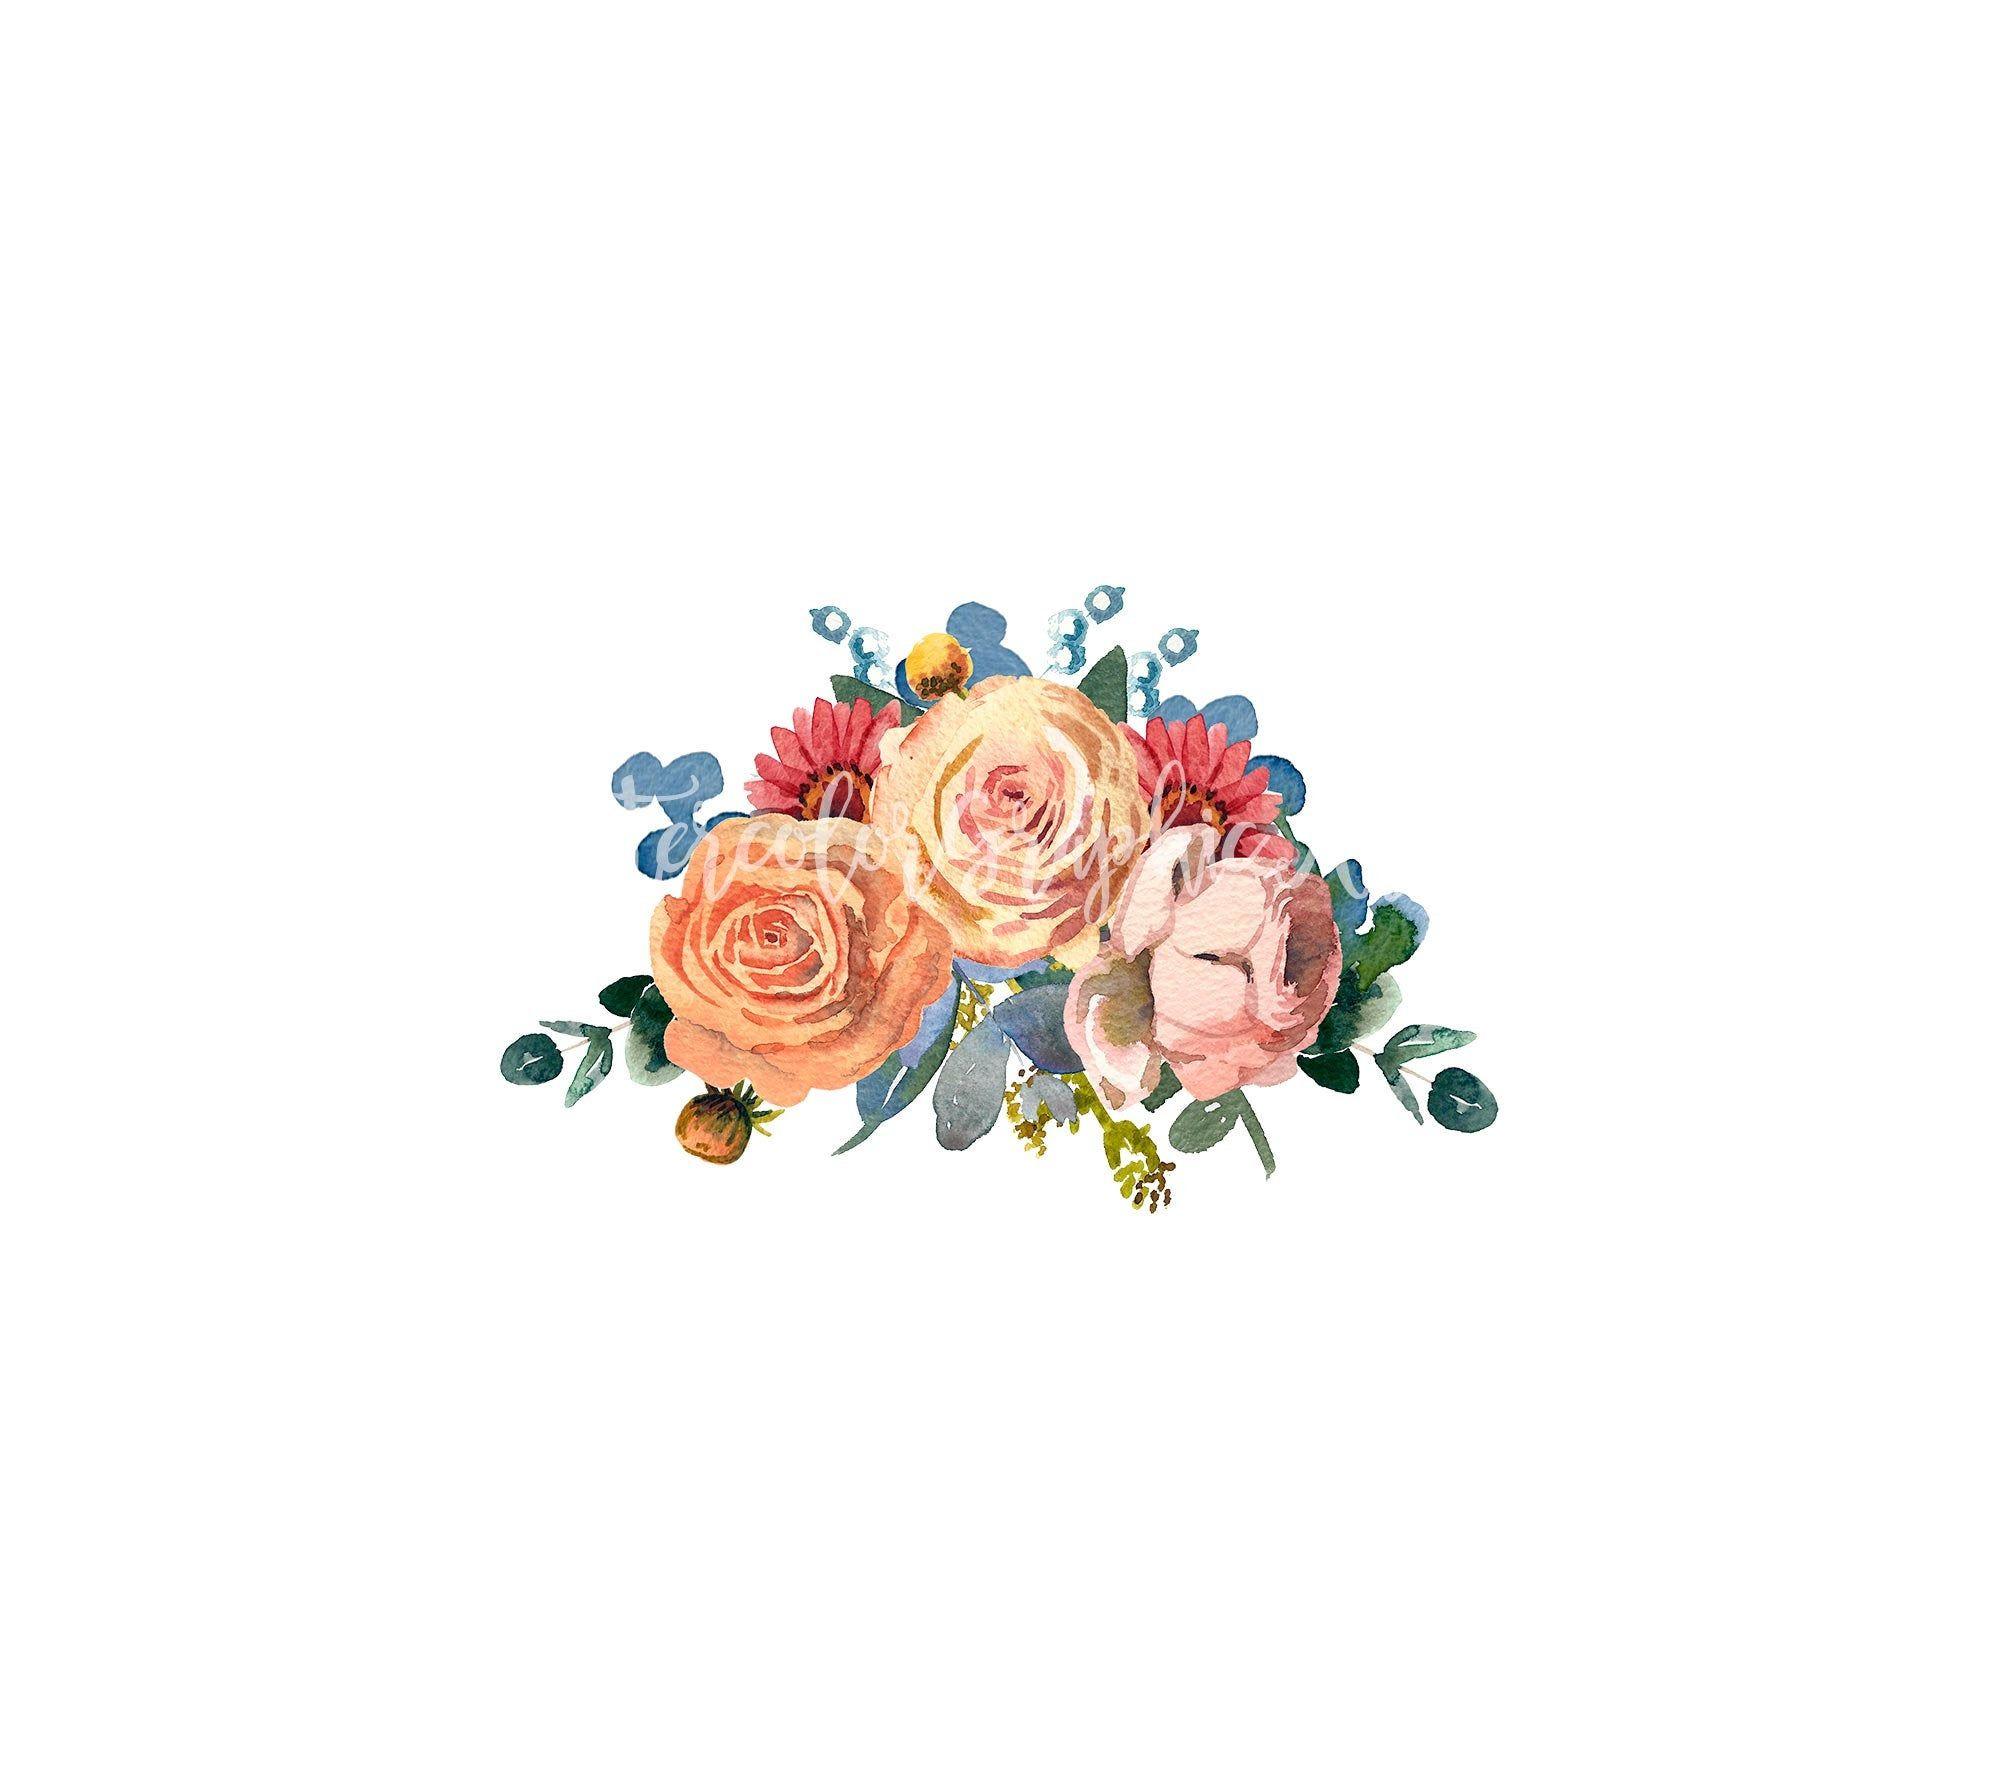 Clipart No Background Image Wedding CLipart Clipart Flower Digital Download Vintage Illustration for Digital Art PNG 1711 Collage